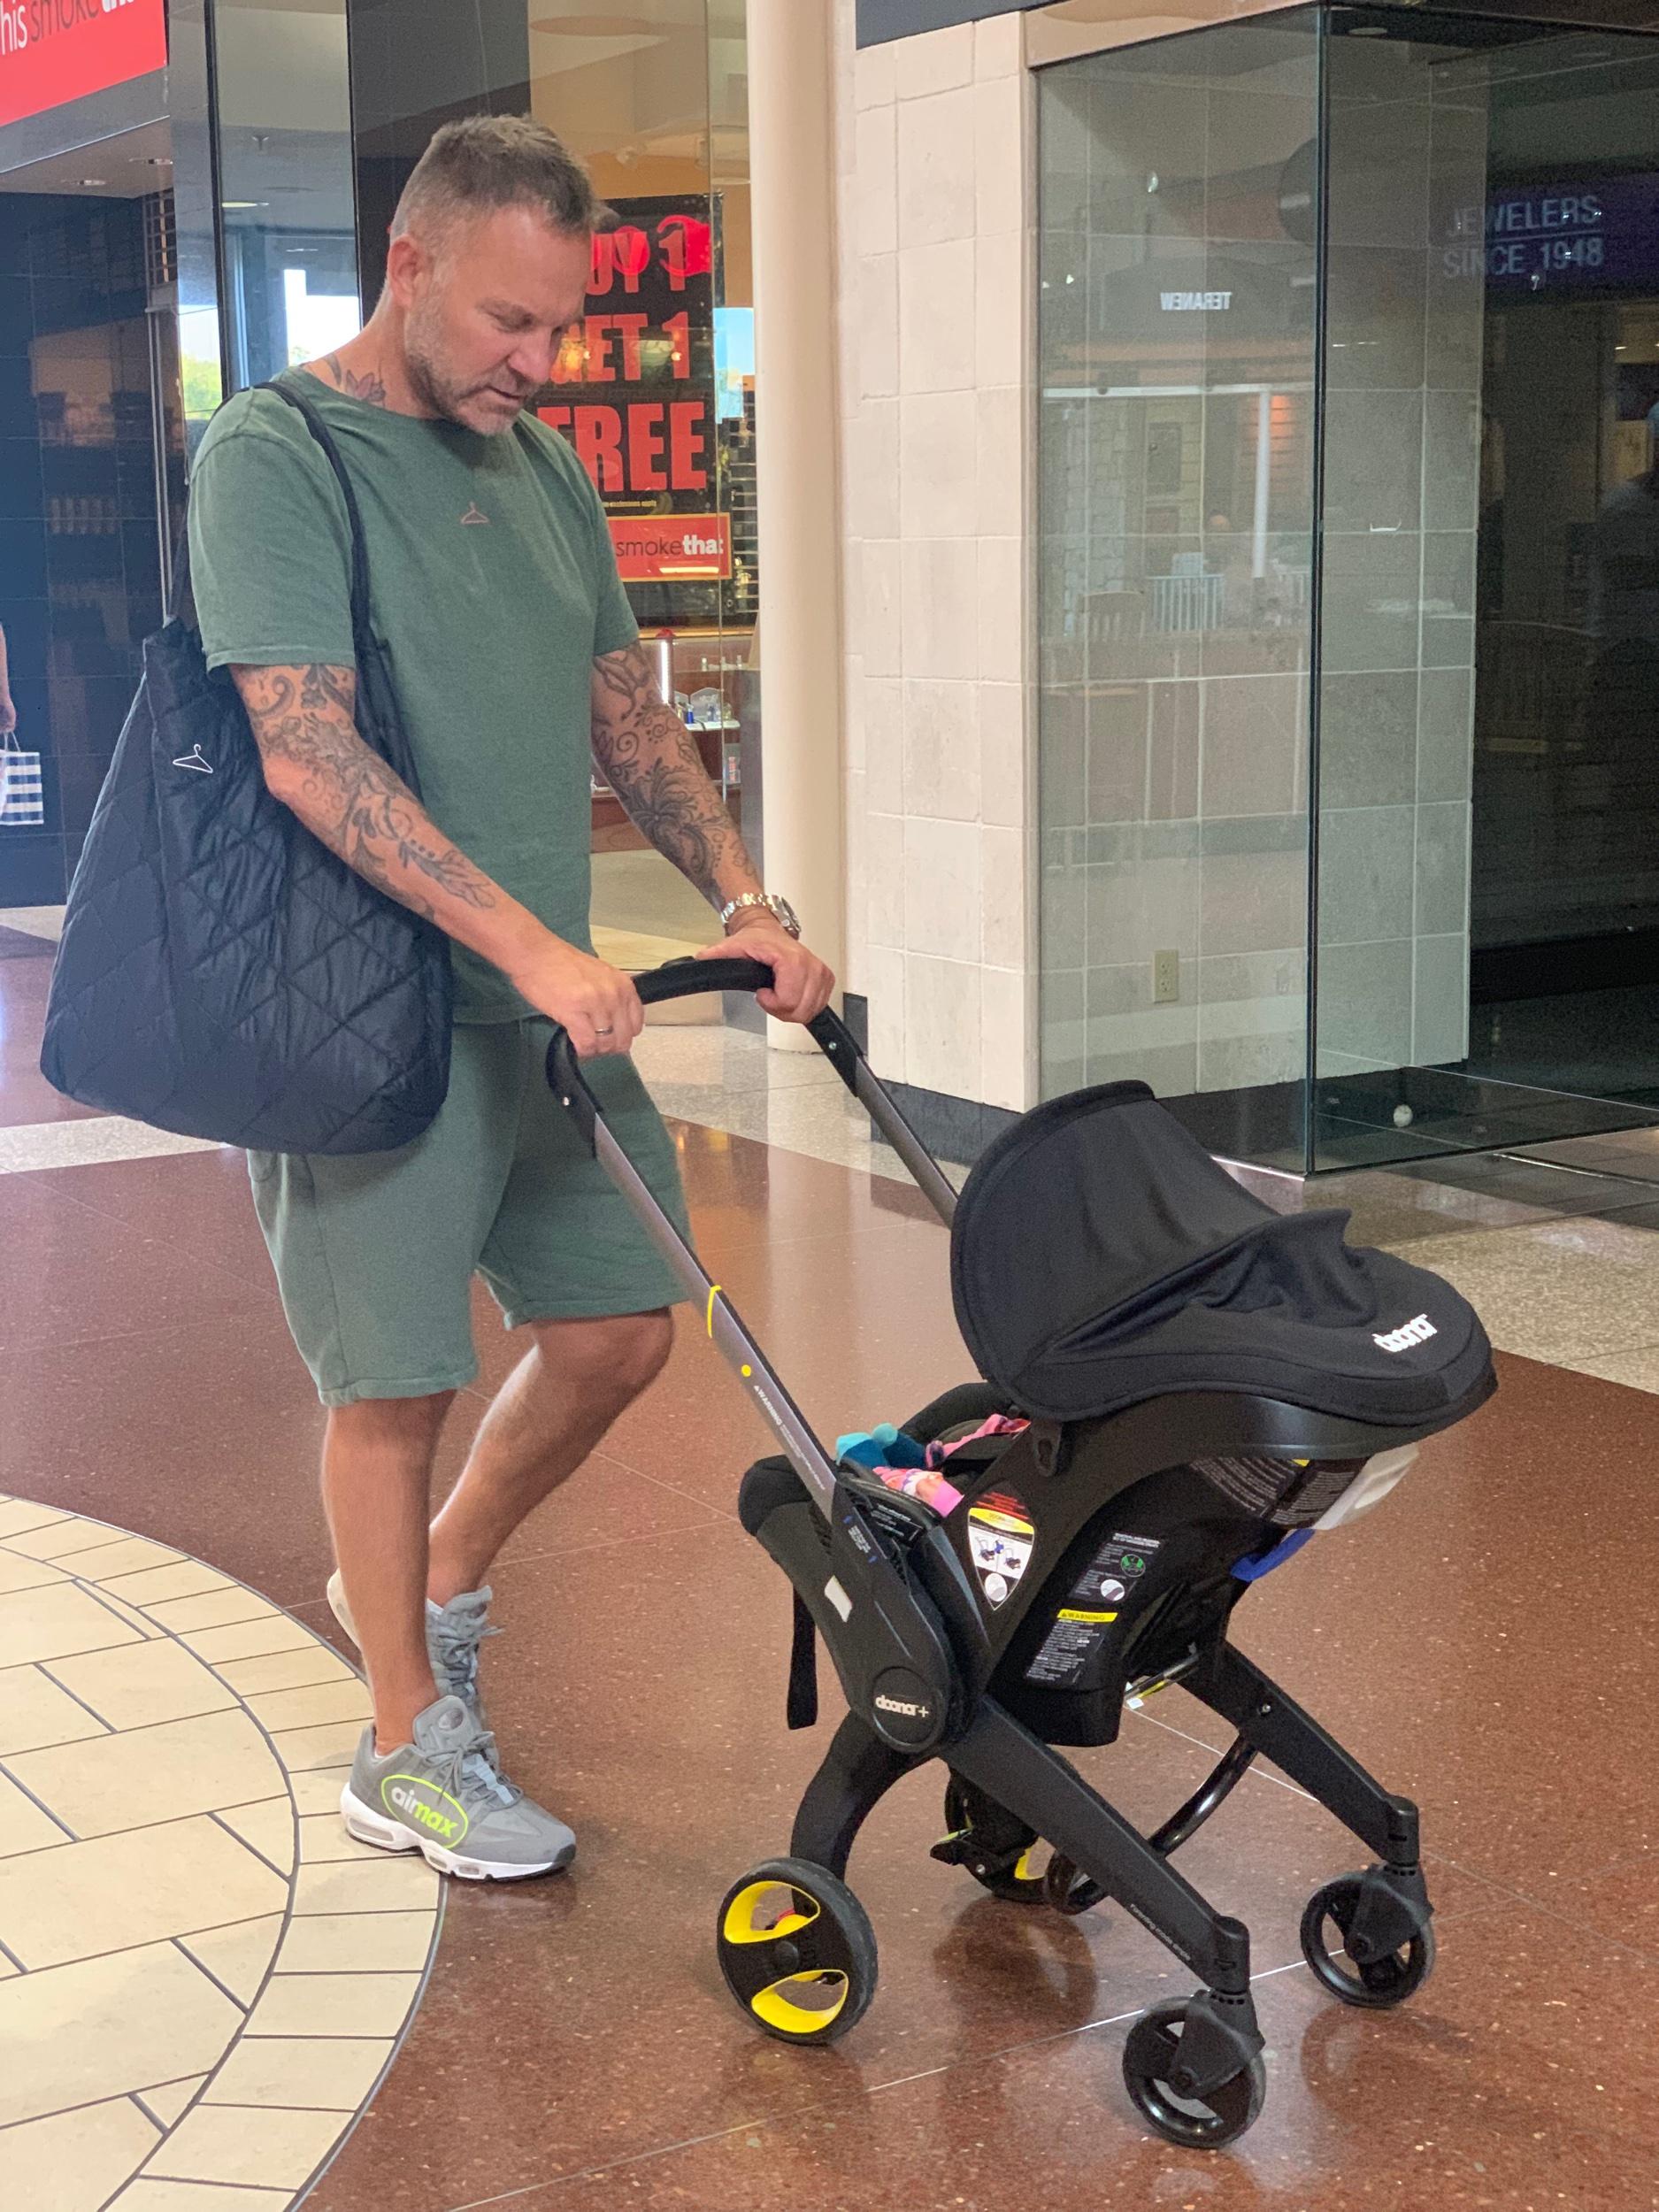 BABYSHOPPING: Det meste var kjøpt inn på forhånd, men en liten svipptur på Capitola Mall måtte vi alikevel.